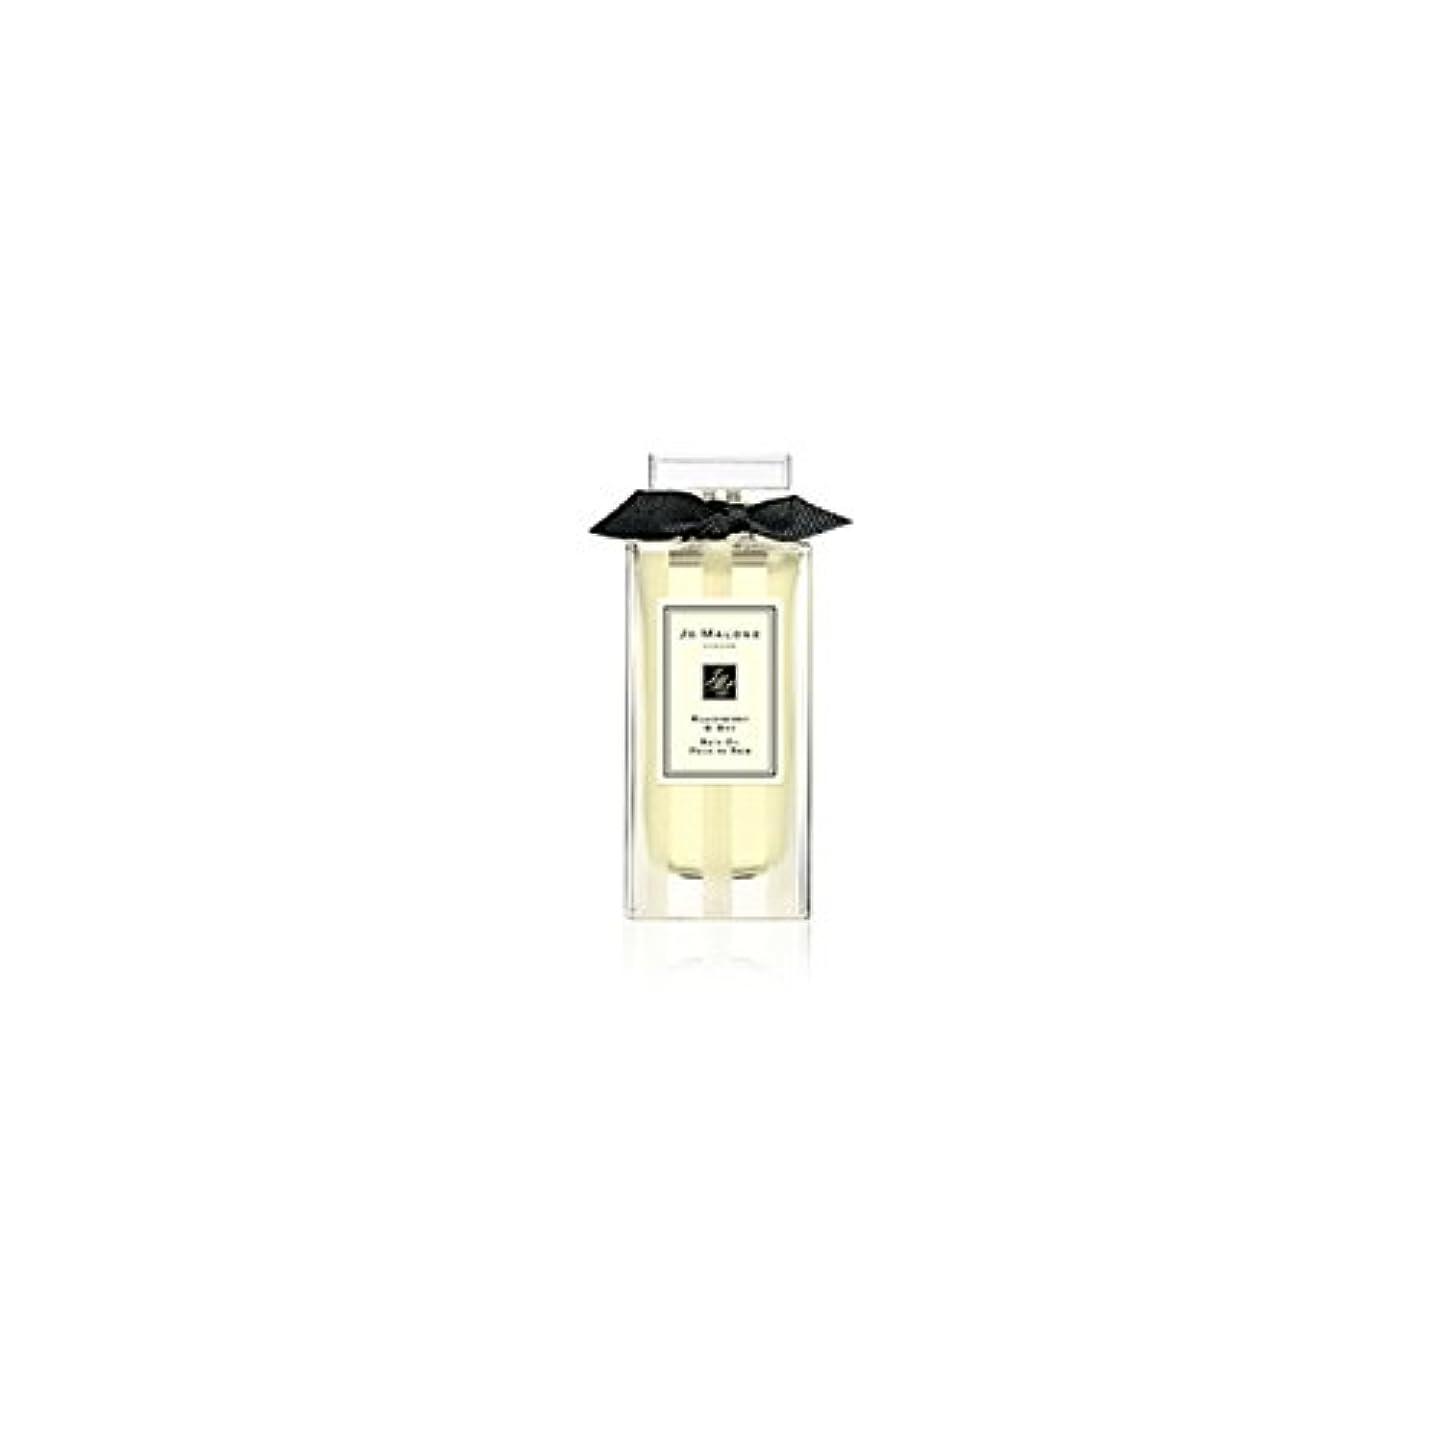 慰め発音する評議会ジョーマローンブラックベリー&ベイバスオイル - 30ミリリットル - Jo Malone Blackberry & Bay Bath Oil - 30ml (Jo Malone) [並行輸入品]